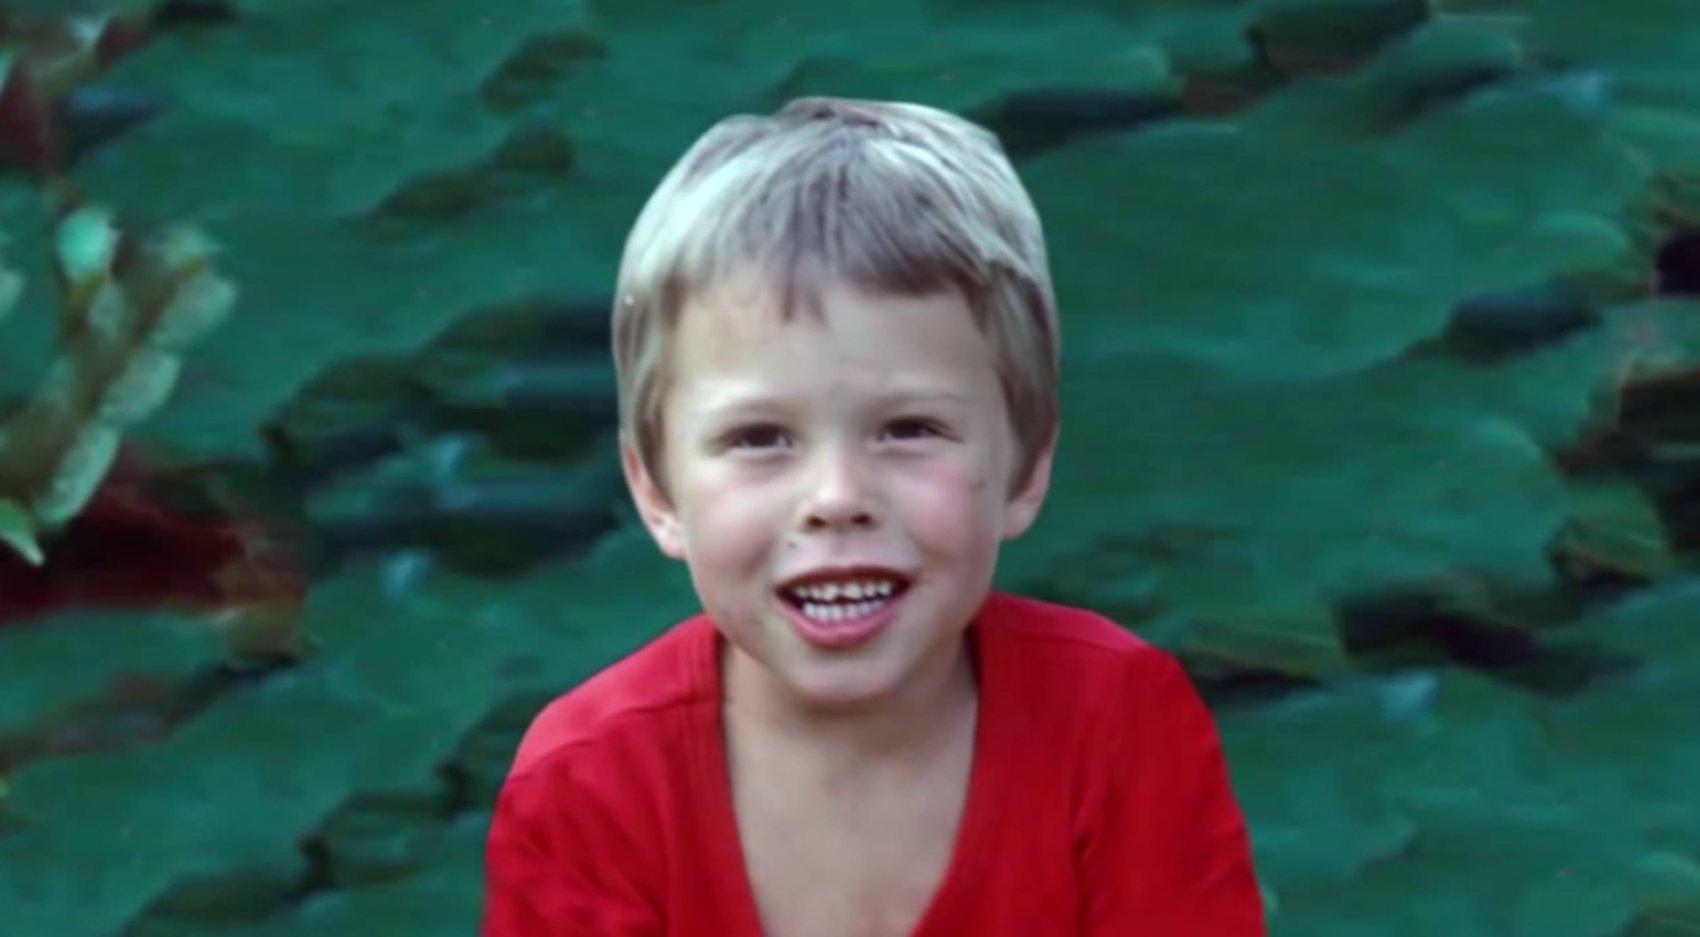 https://www.scoopwhoop.com/Elon-Musk/#.9uz25k558 eronmusk childhood